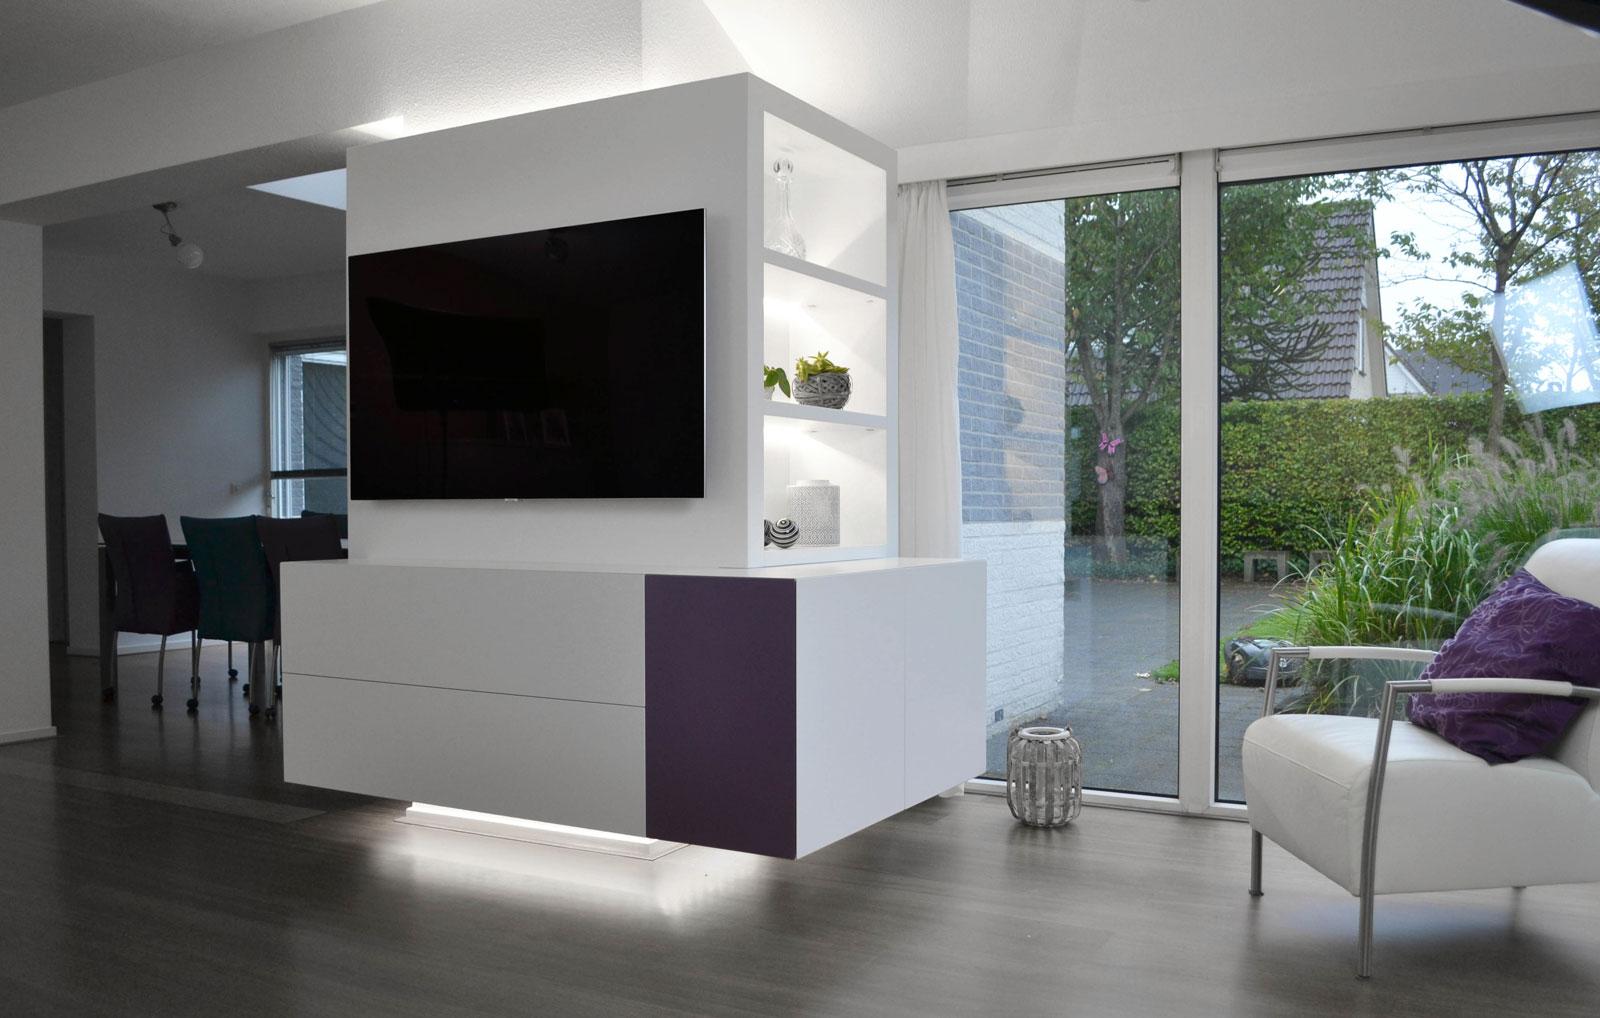 Design Tv Meubel Verrijdbaar.Hoek Design Tv Meubel Rondom Een Zuil Design Meubels Op Maat